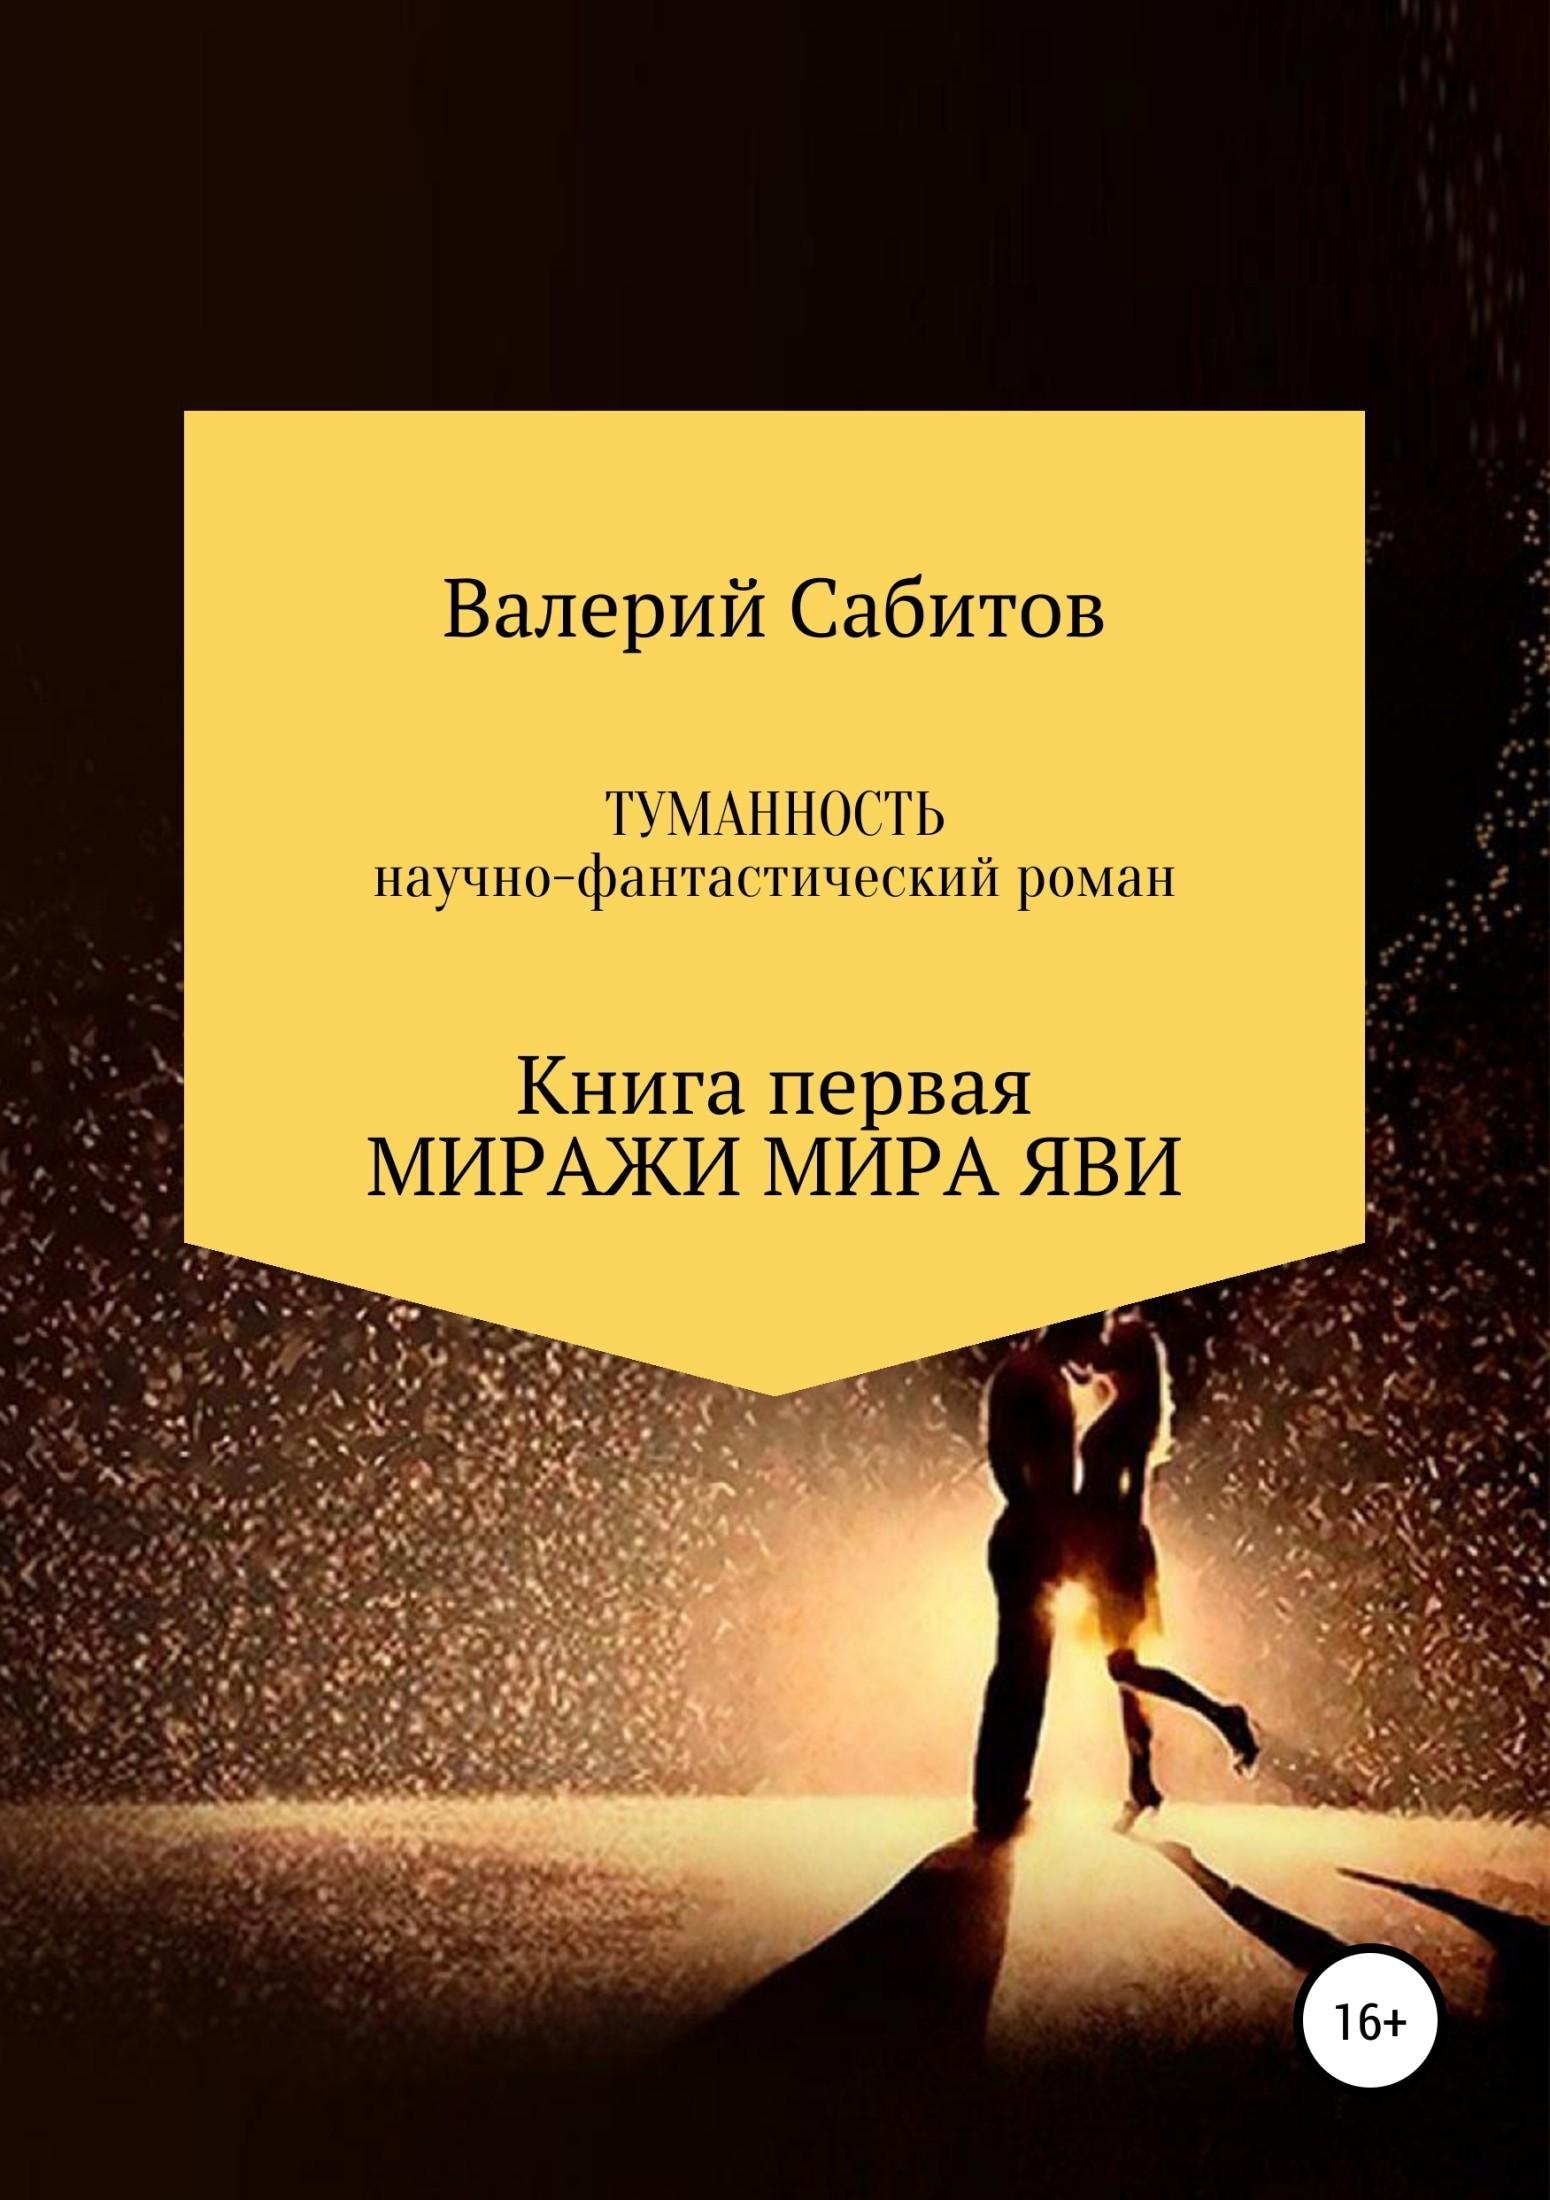 Валерий Сабитов Туманность. Книга первая. Миражи мира Яви футболка землянин